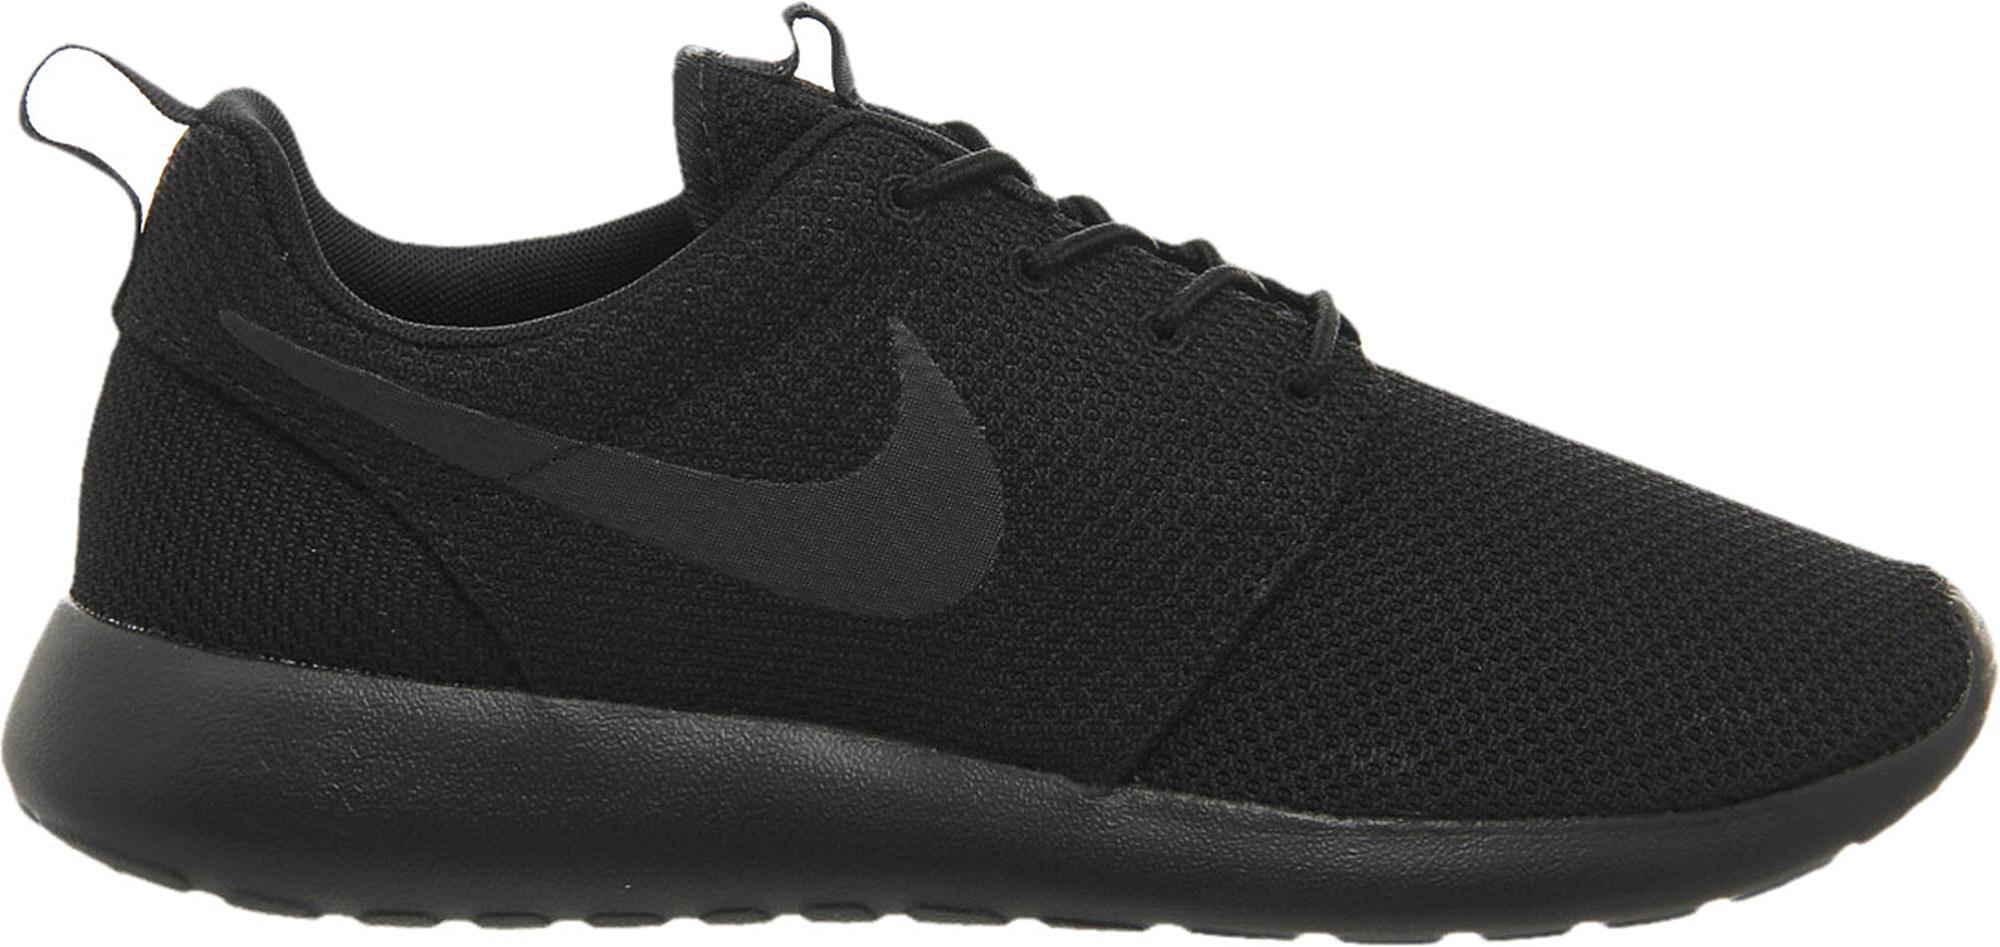 sortie Nike Roshe Exécuter Des Sacs À Main Tissés Noirs Livraison gratuite rabais jeu abordable NaCFGo